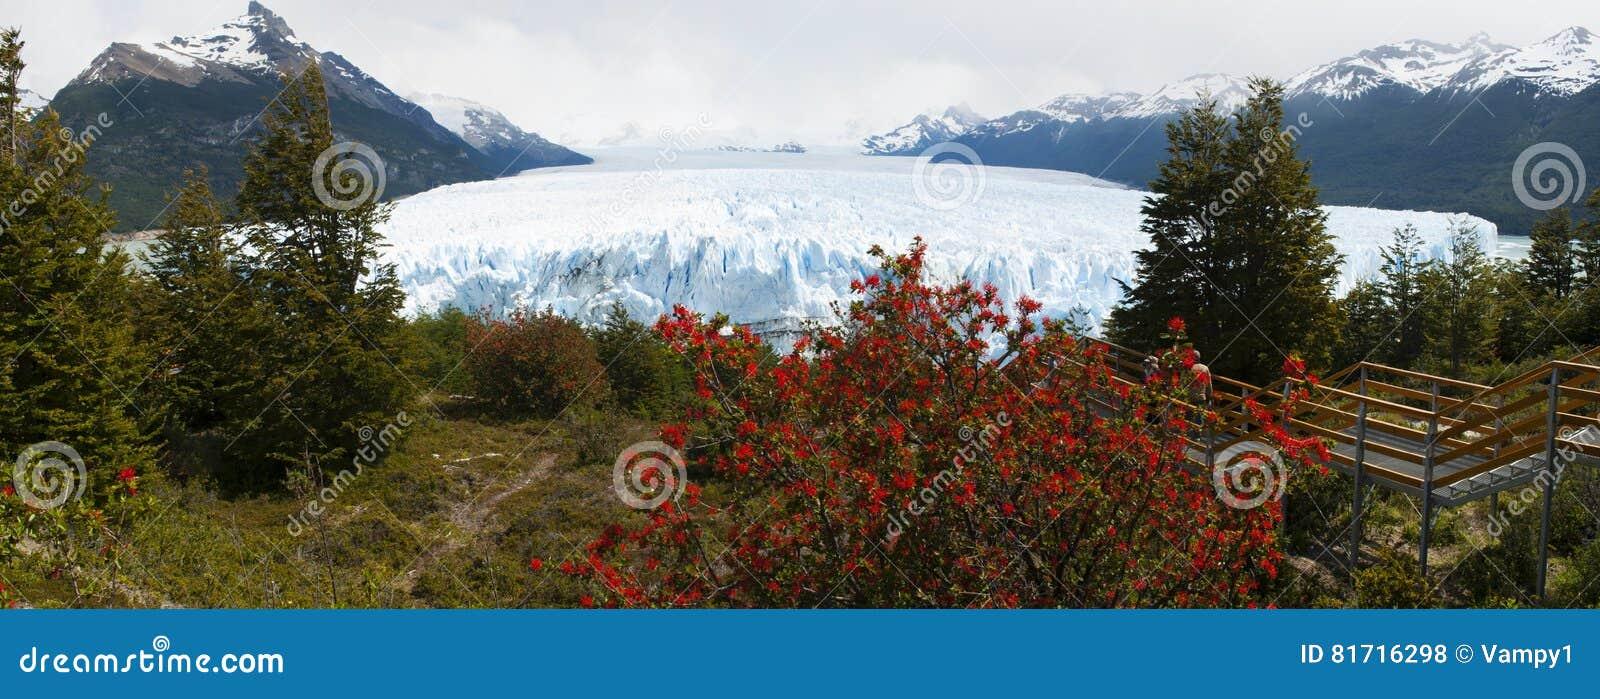 EL Calafate, parque nacional de geleiras, Patagonia, Argentina, Ámérica do Sul